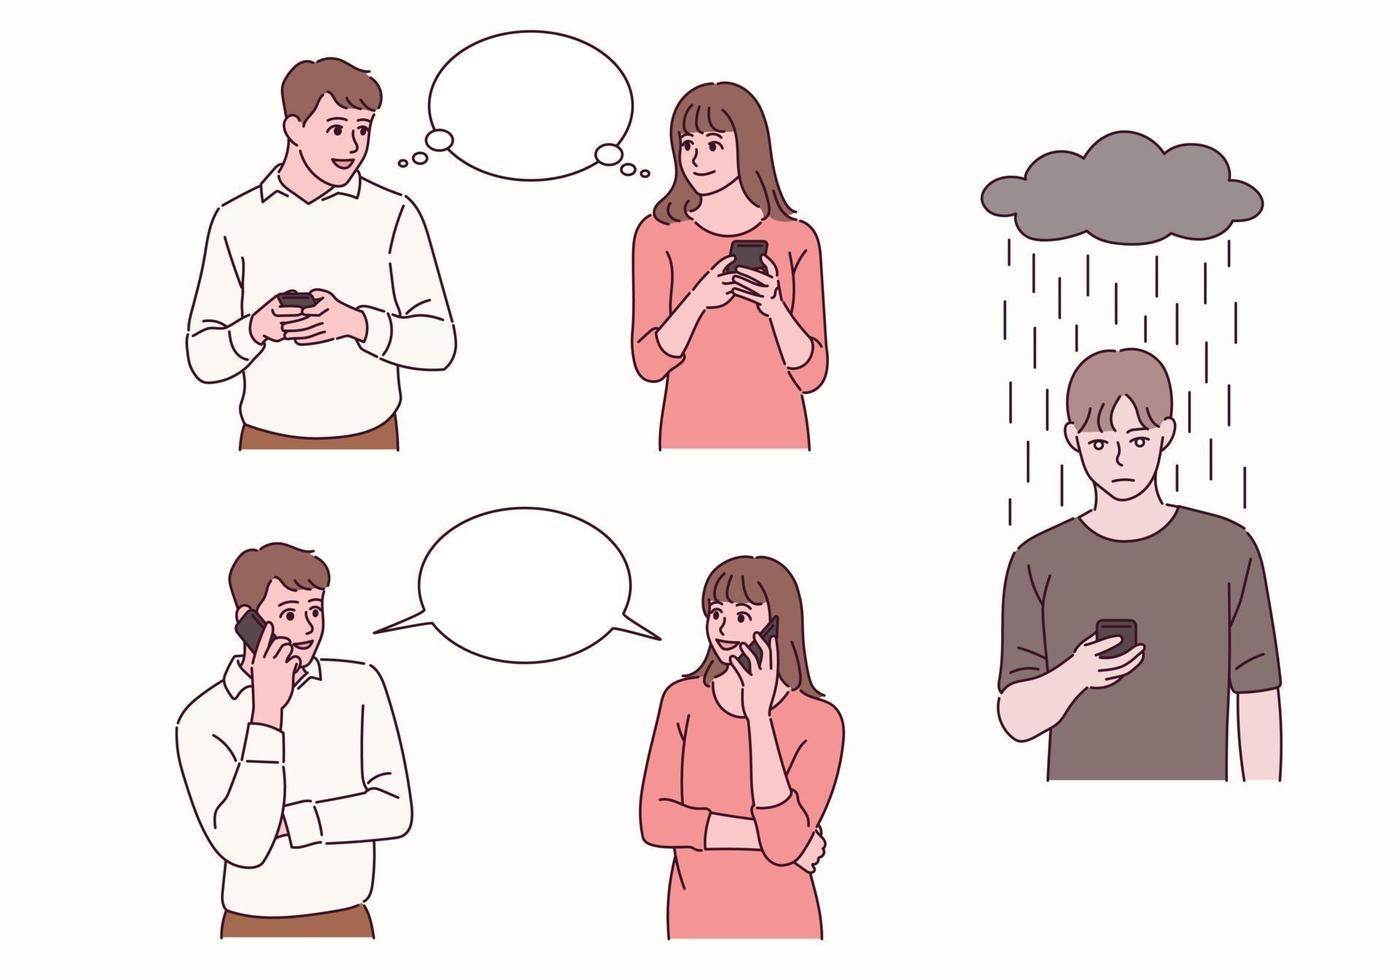 una pareja está pensando y hablando con un teléfono celular en la mano. otro hombre está esperando una llamada. vector